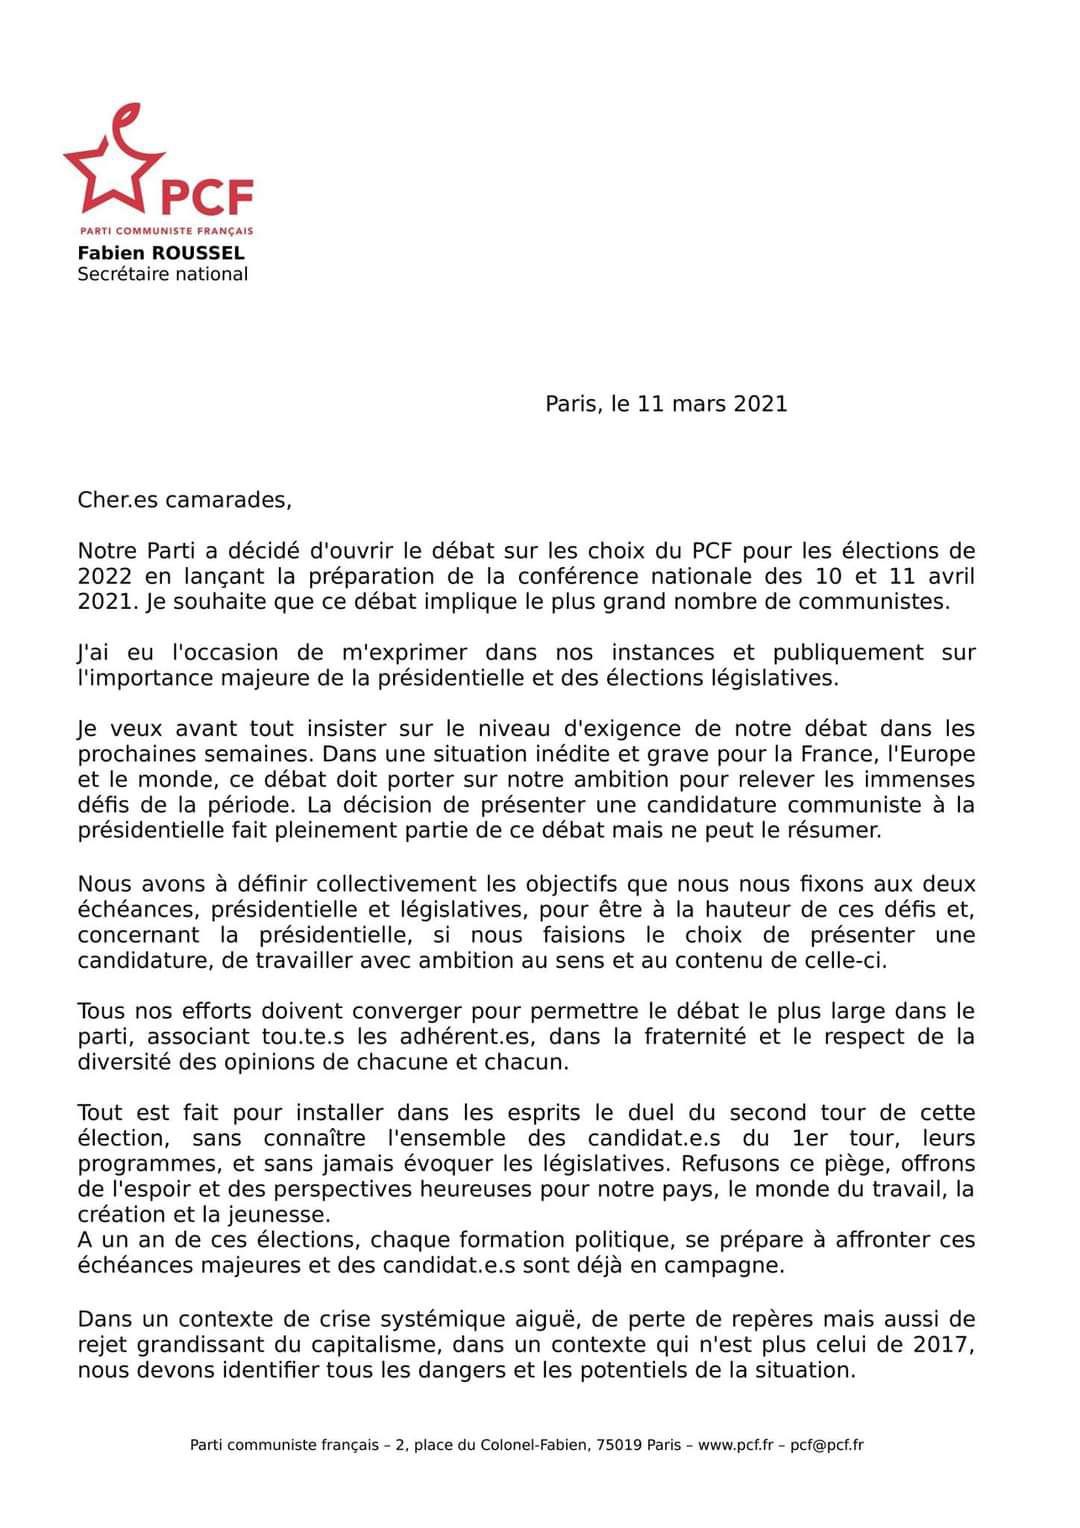 Présidentielle 2022 : Fabien Roussel propose sa candidature